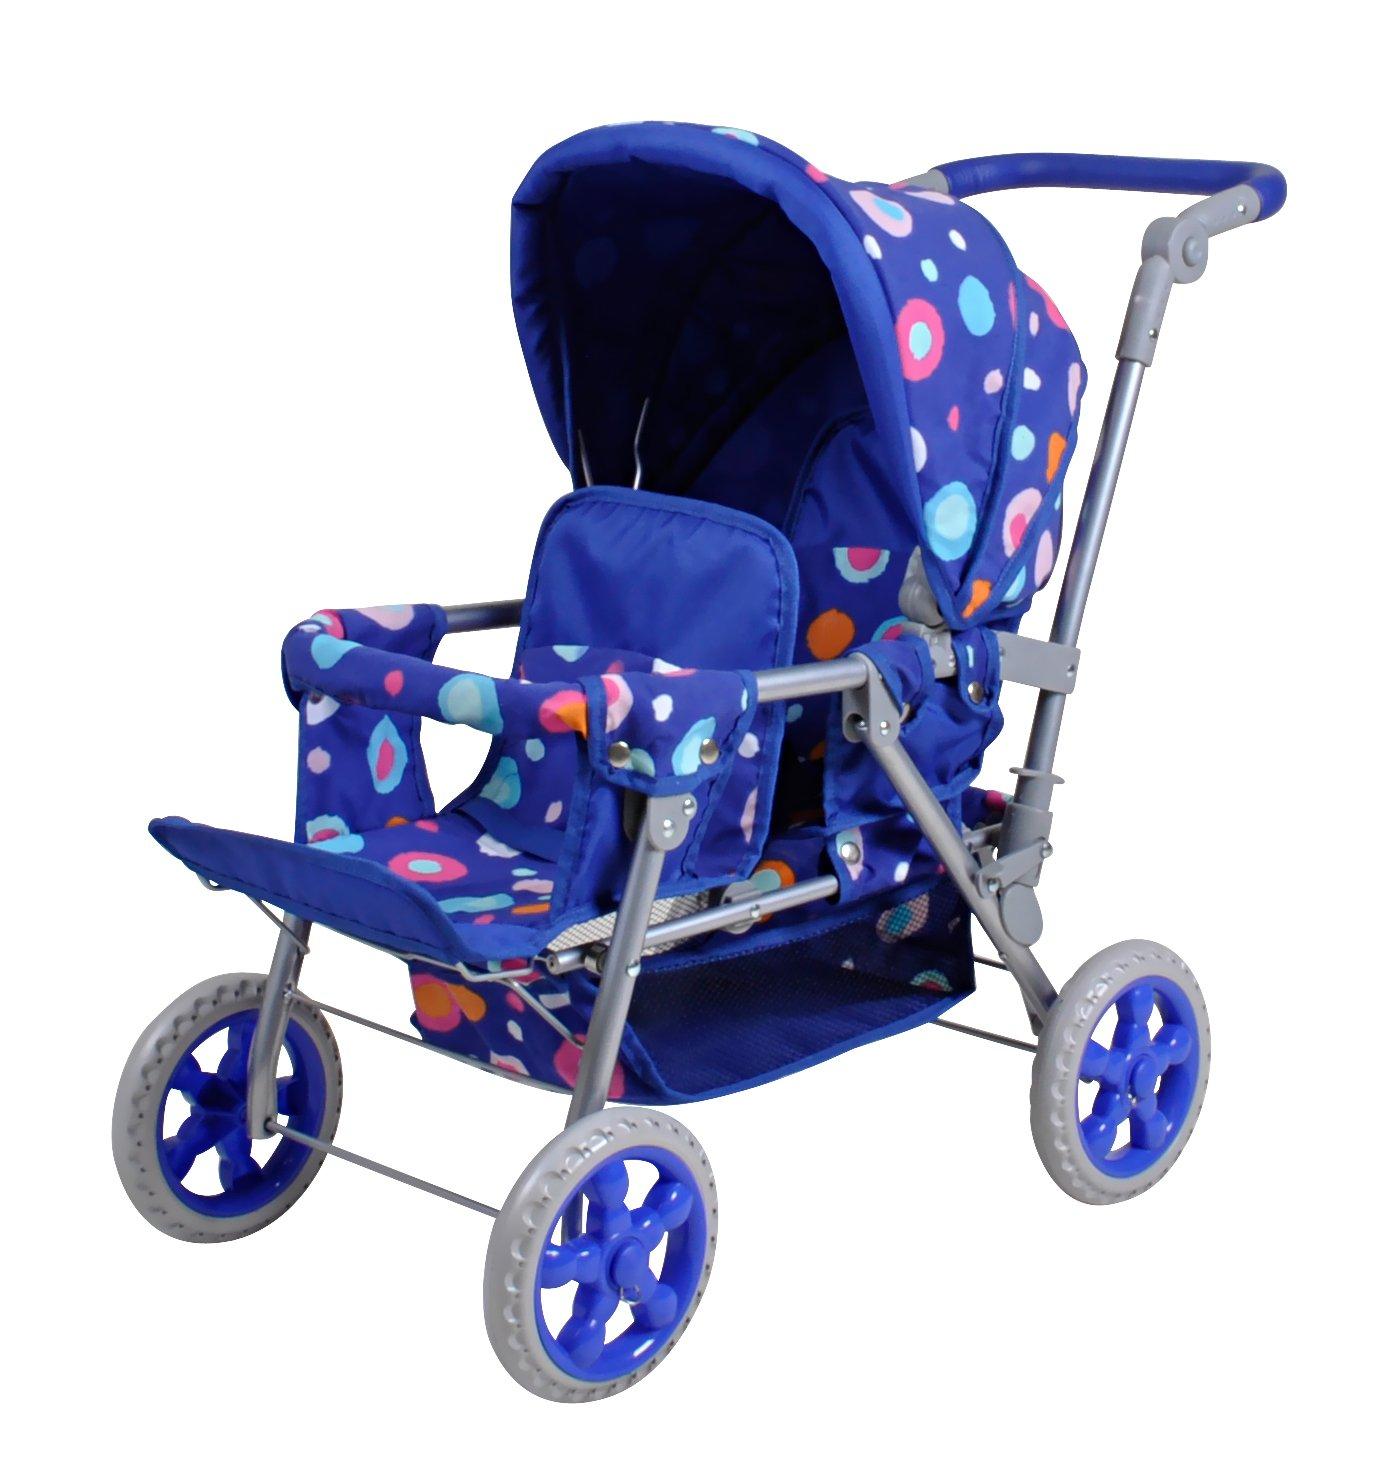 Knorrtoys 16612 Puppenwagen Big Twin Splash, blau